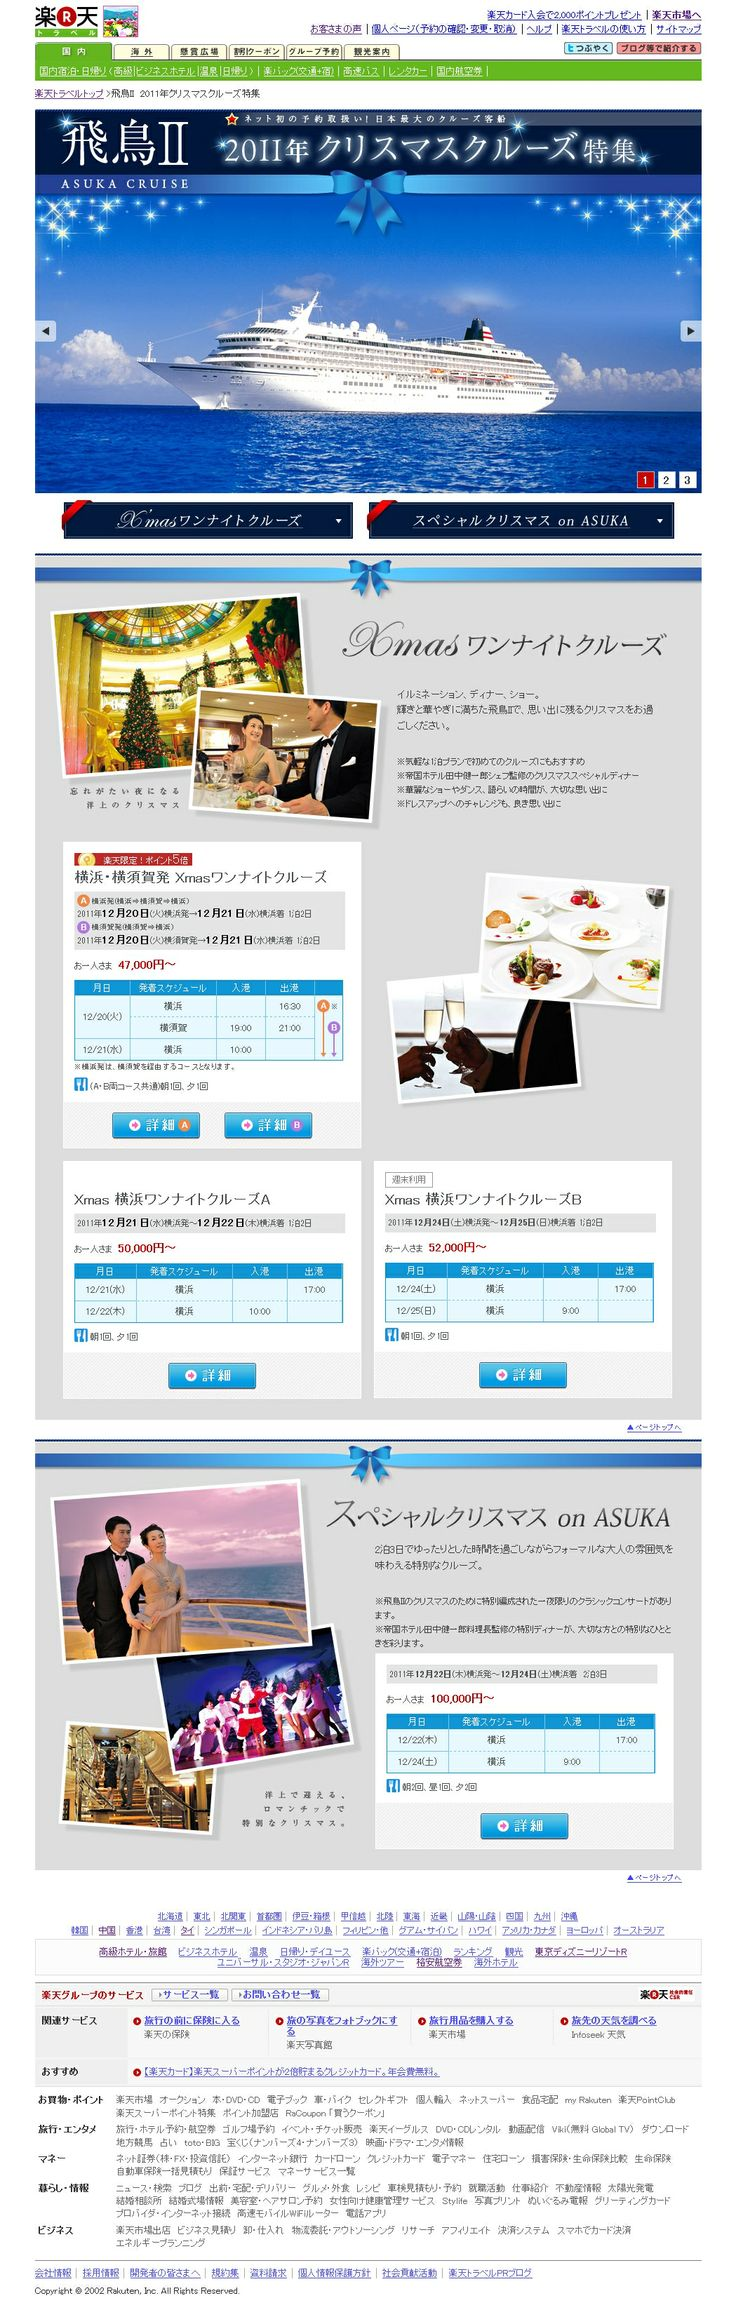 【その他】「飛鳥Ⅱ」クリスマスクルーズ 高級感 青 白 クリスマス http://travel.rakuten.co.jp/special/asuka2/201310/